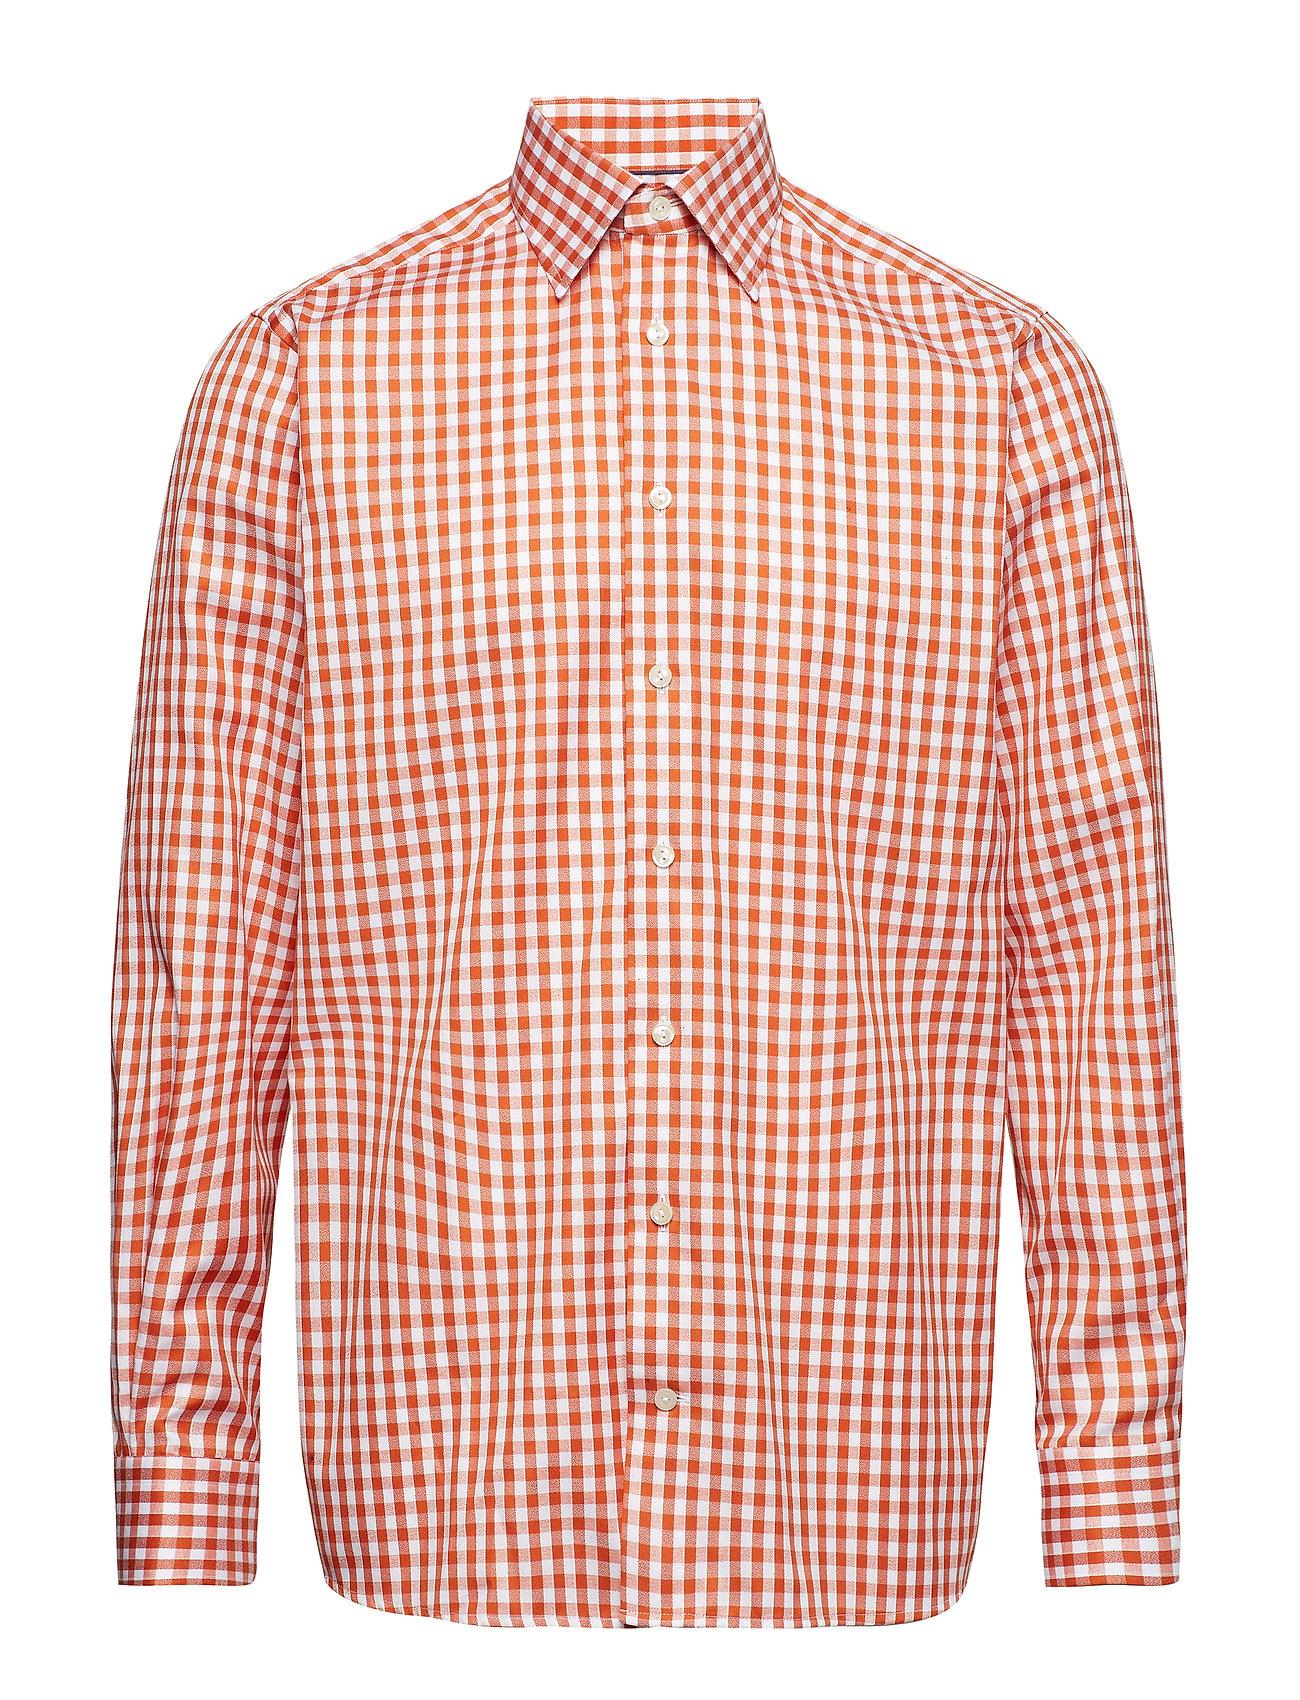 Eton Orange Gingham Check Shirt - YELLOW/ORANGE